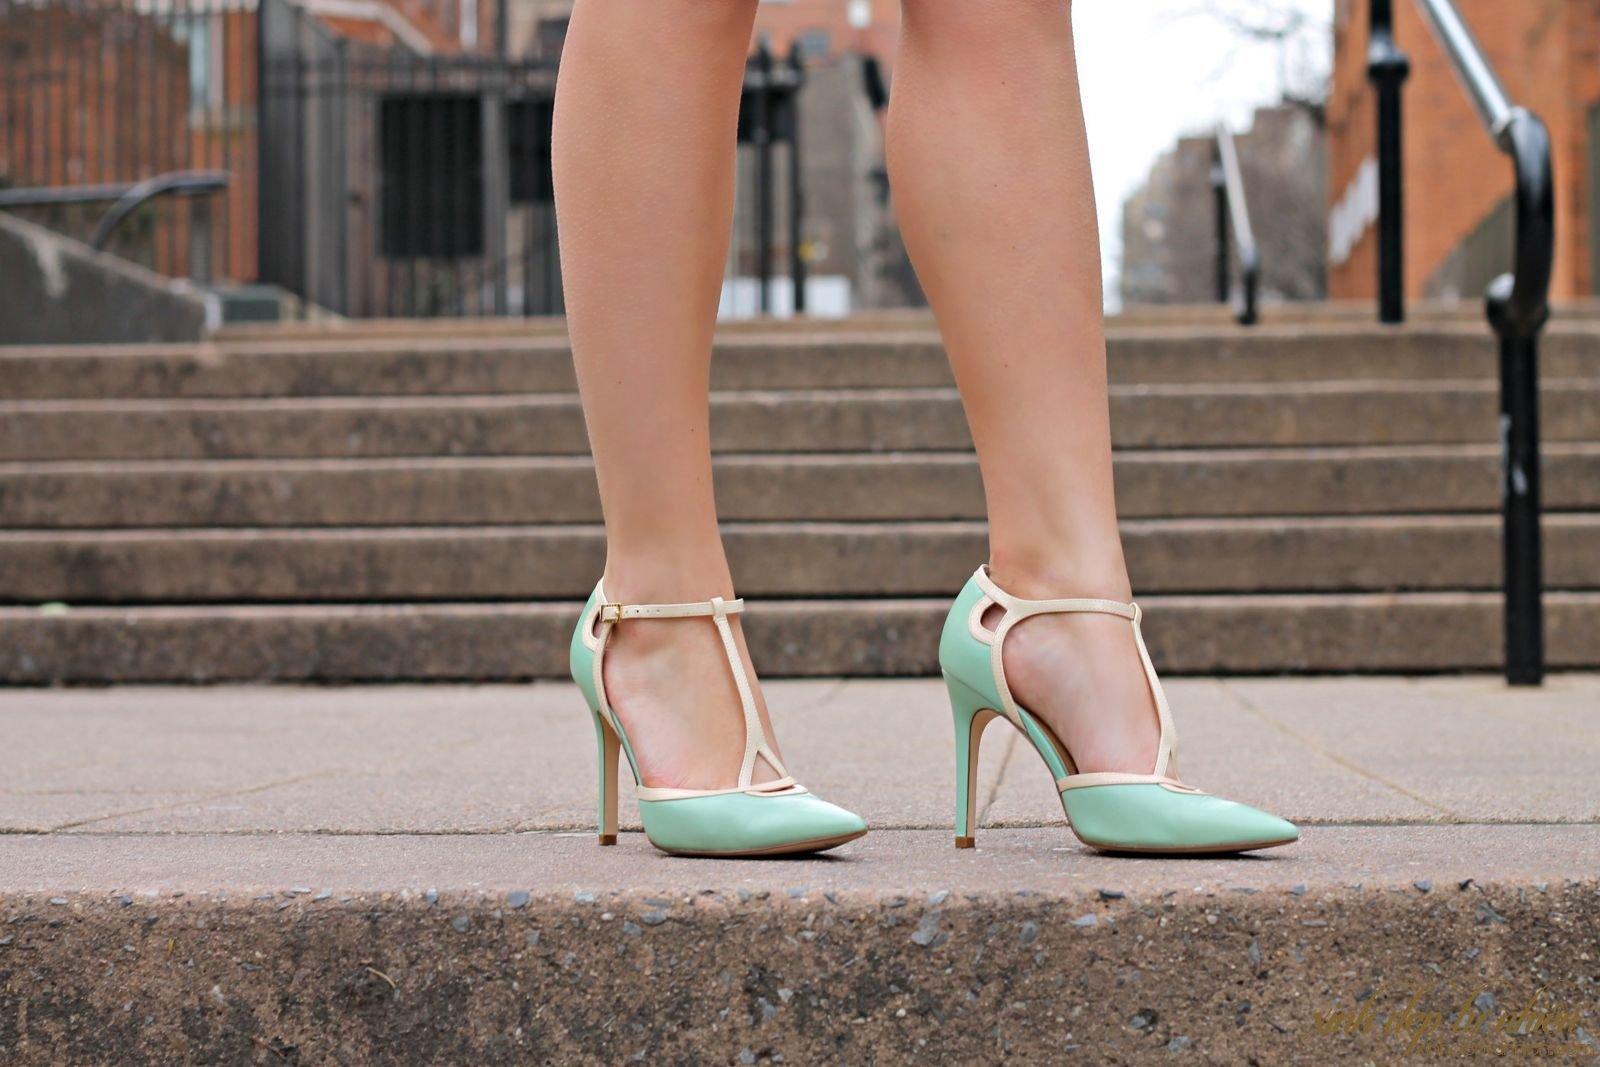 chân to mang giày gì